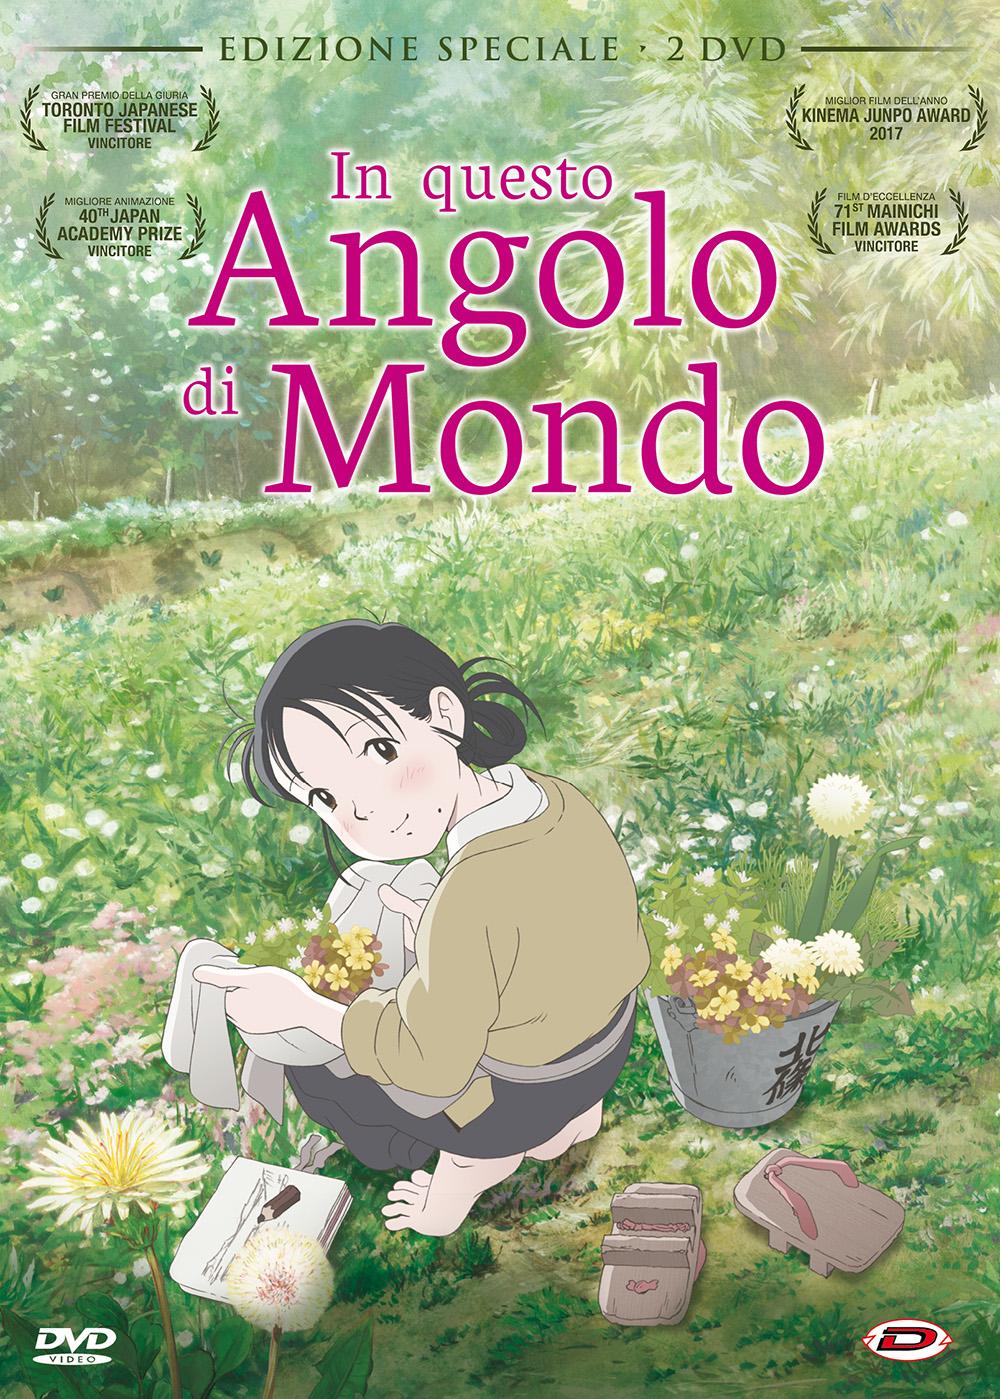 IN QUESTO ANGOLO DI MONDO (SE) (FIRST PRESS) (2 DVD) (DVD)